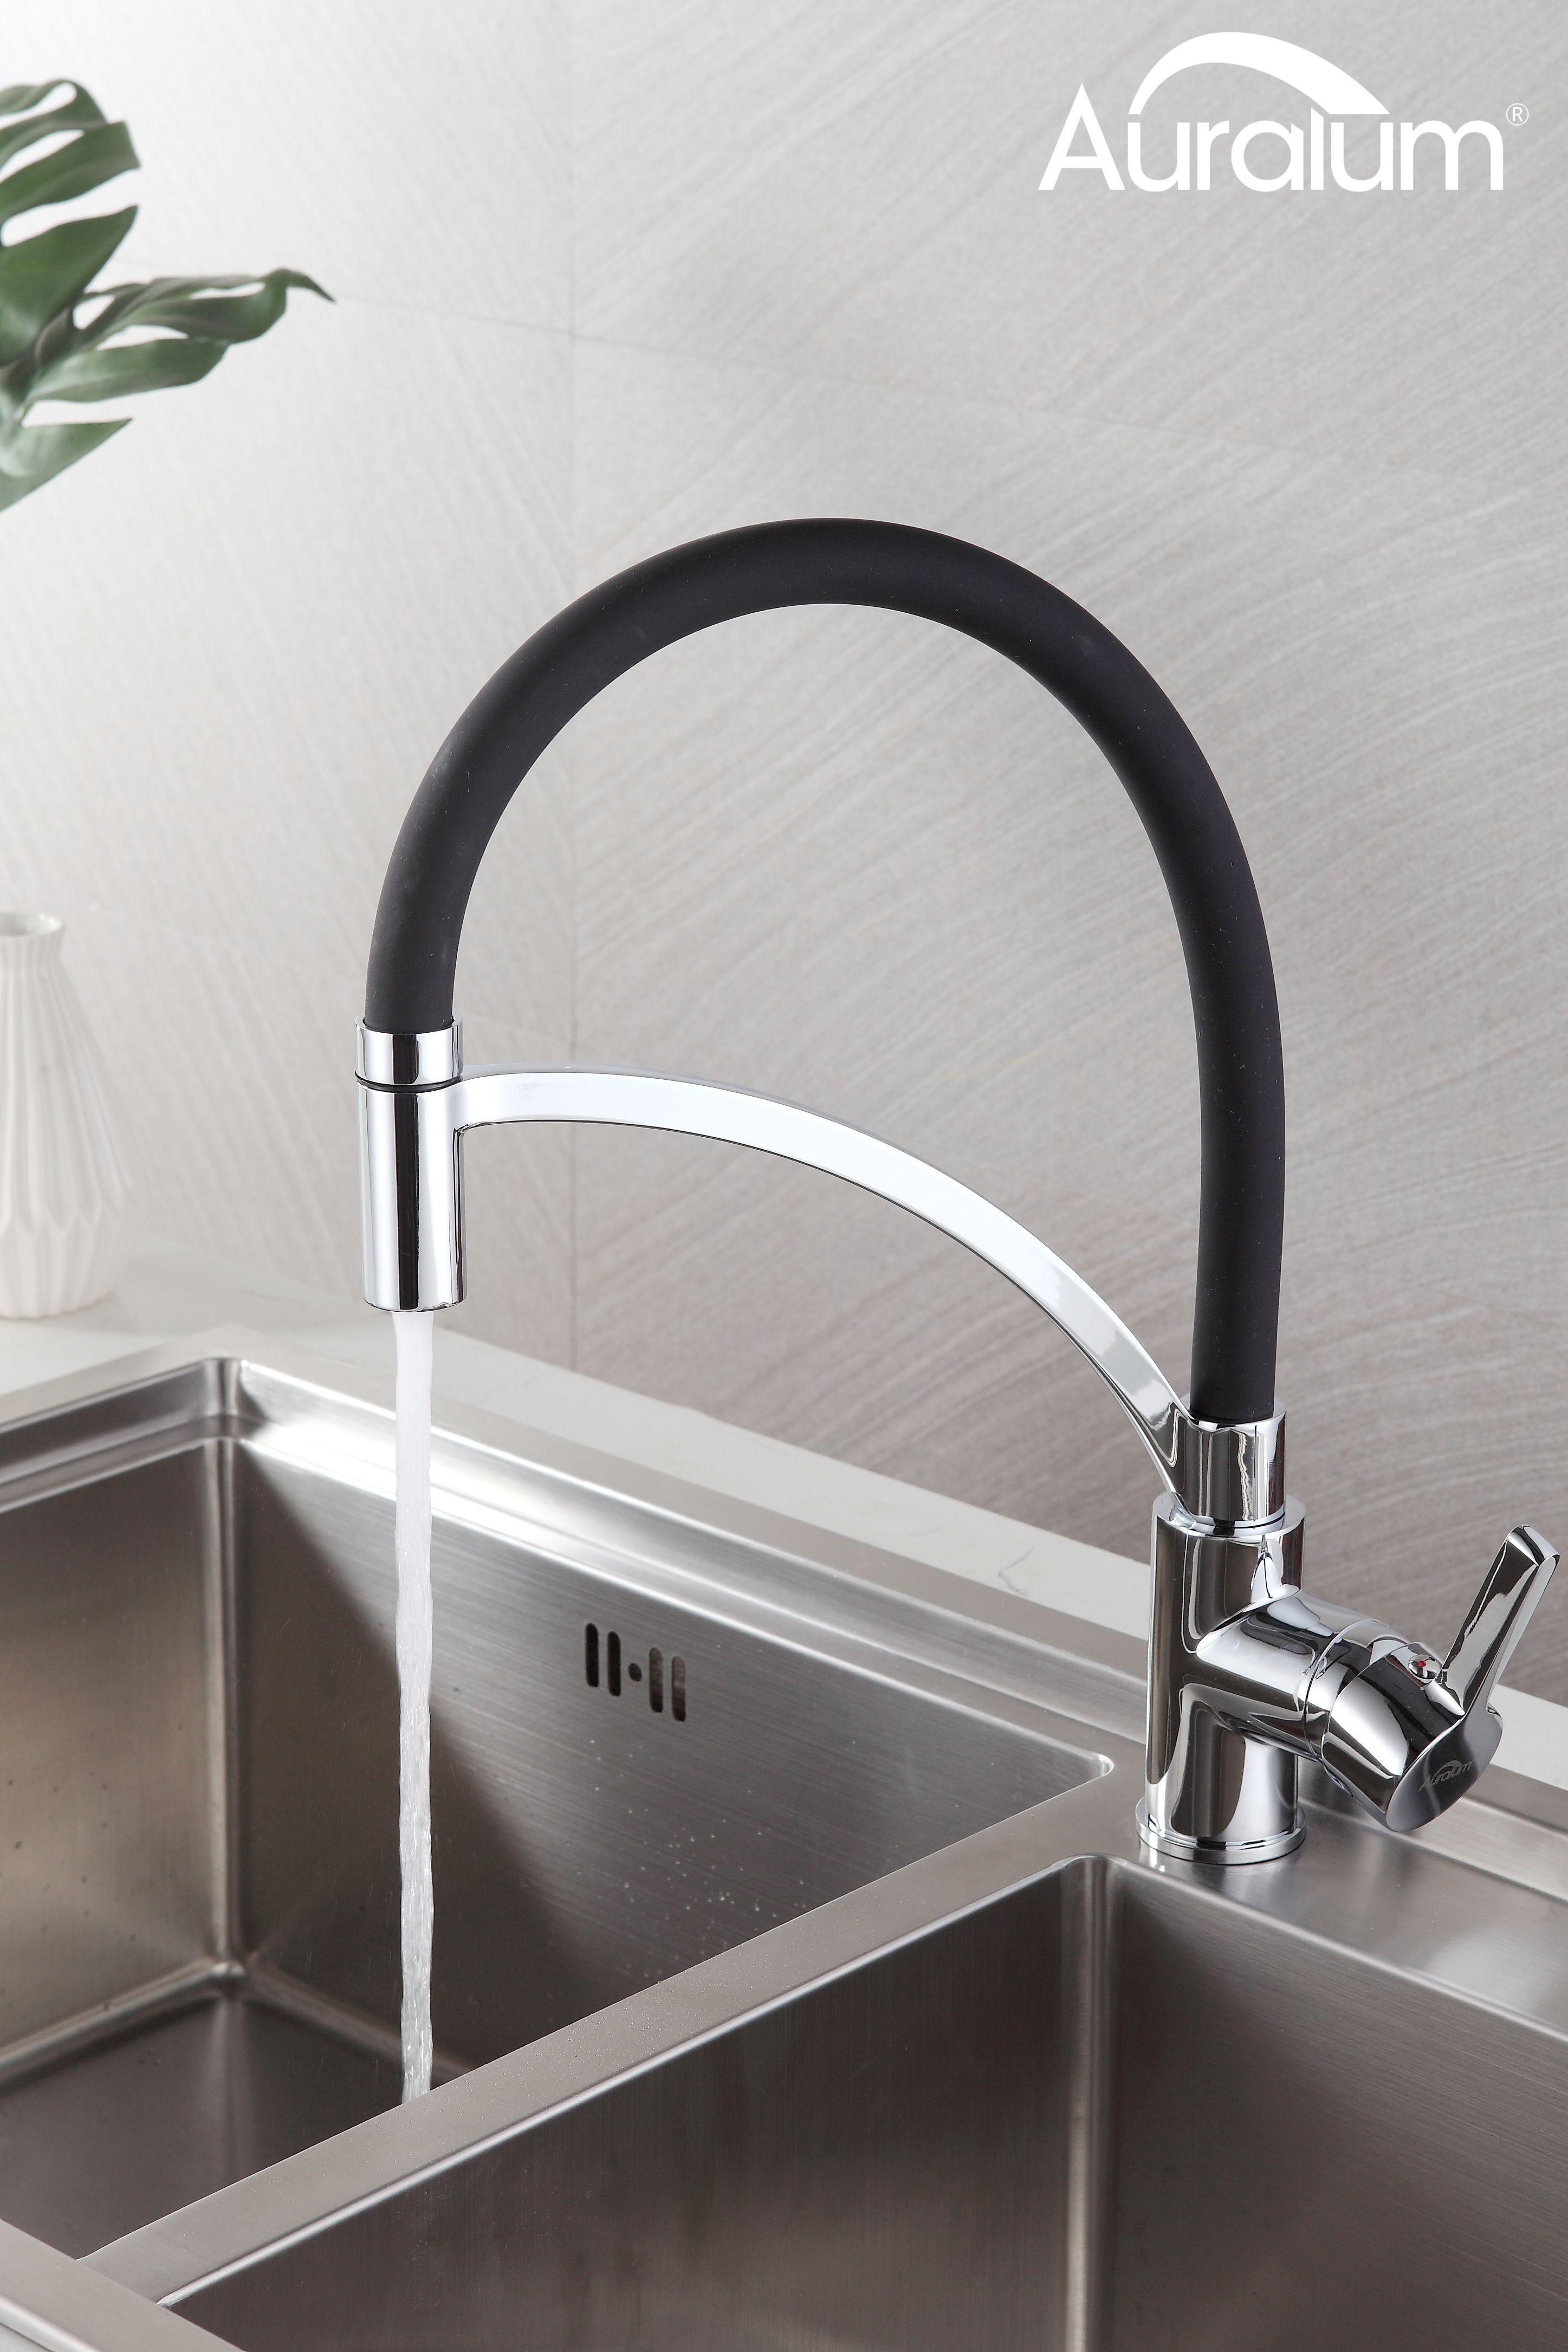 Schwarz Wasserhahn Mit Abnehmbar Brause Wasserhahn Kuche Kuchenarmatur Wasserhahn